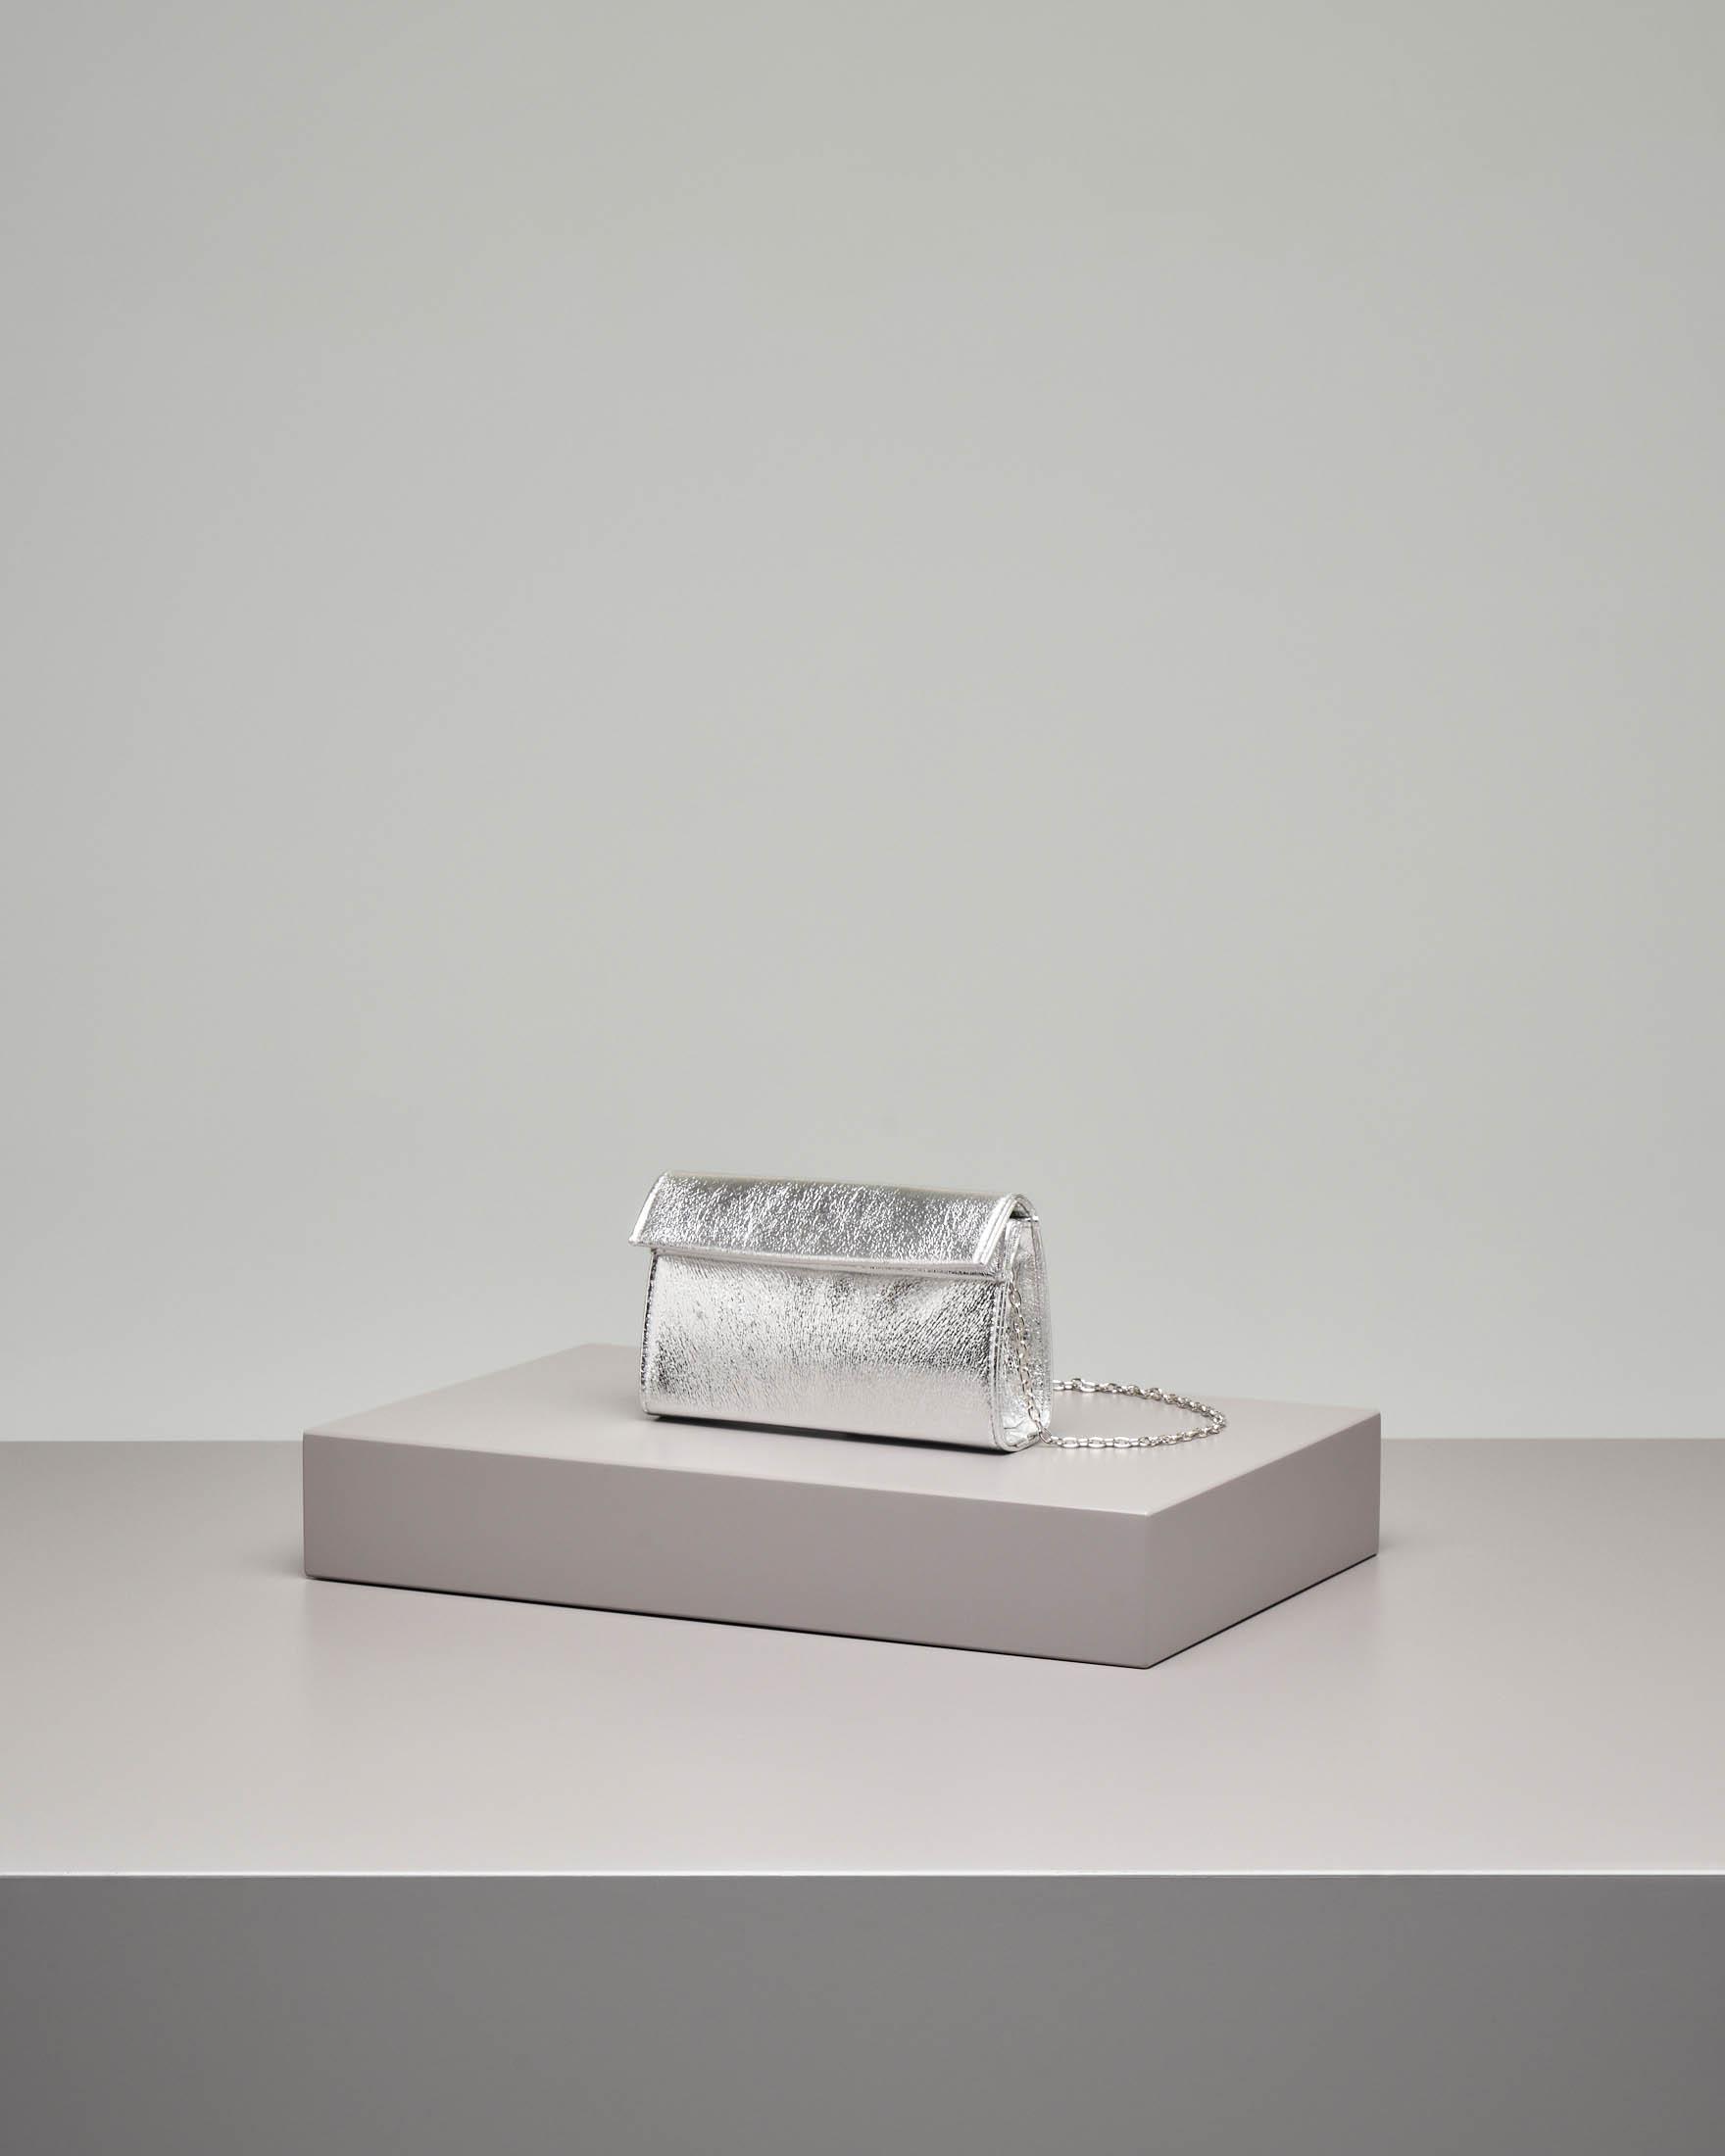 Pochette a base rigida in tessuto effetto laminato color argento con piccola patta